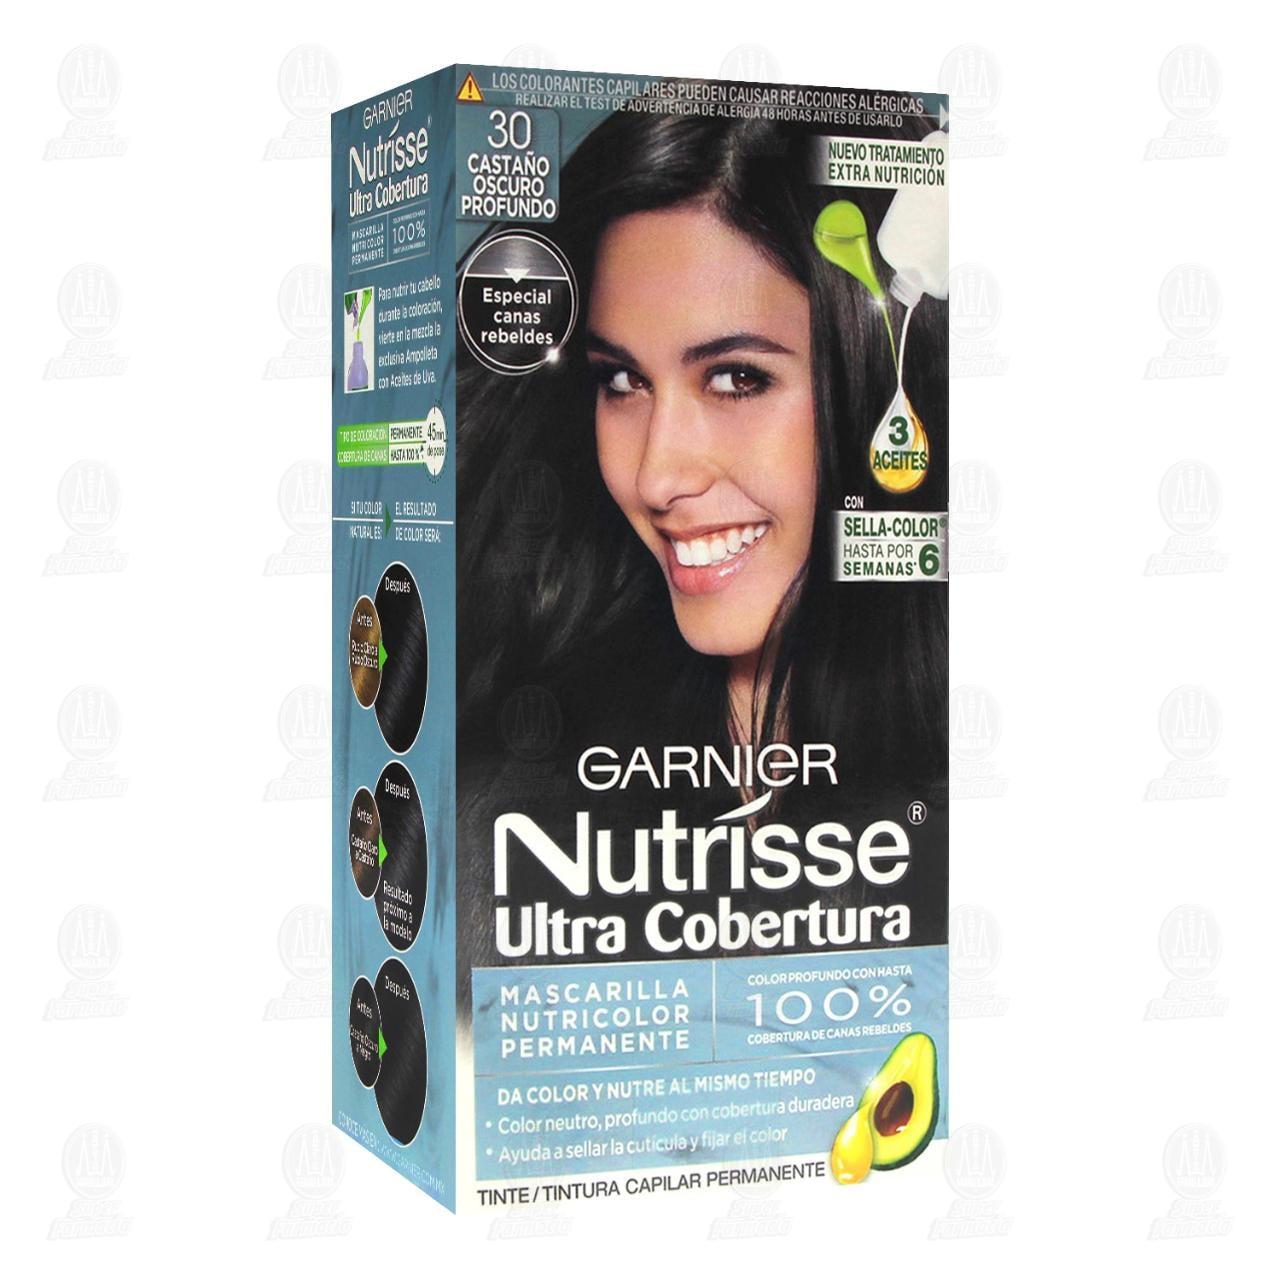 comprar https://www.movil.farmaciasguadalajara.com/wcsstore/FGCAS/wcs/products/1231340_A_1280_AL.jpg en farmacias guadalajara